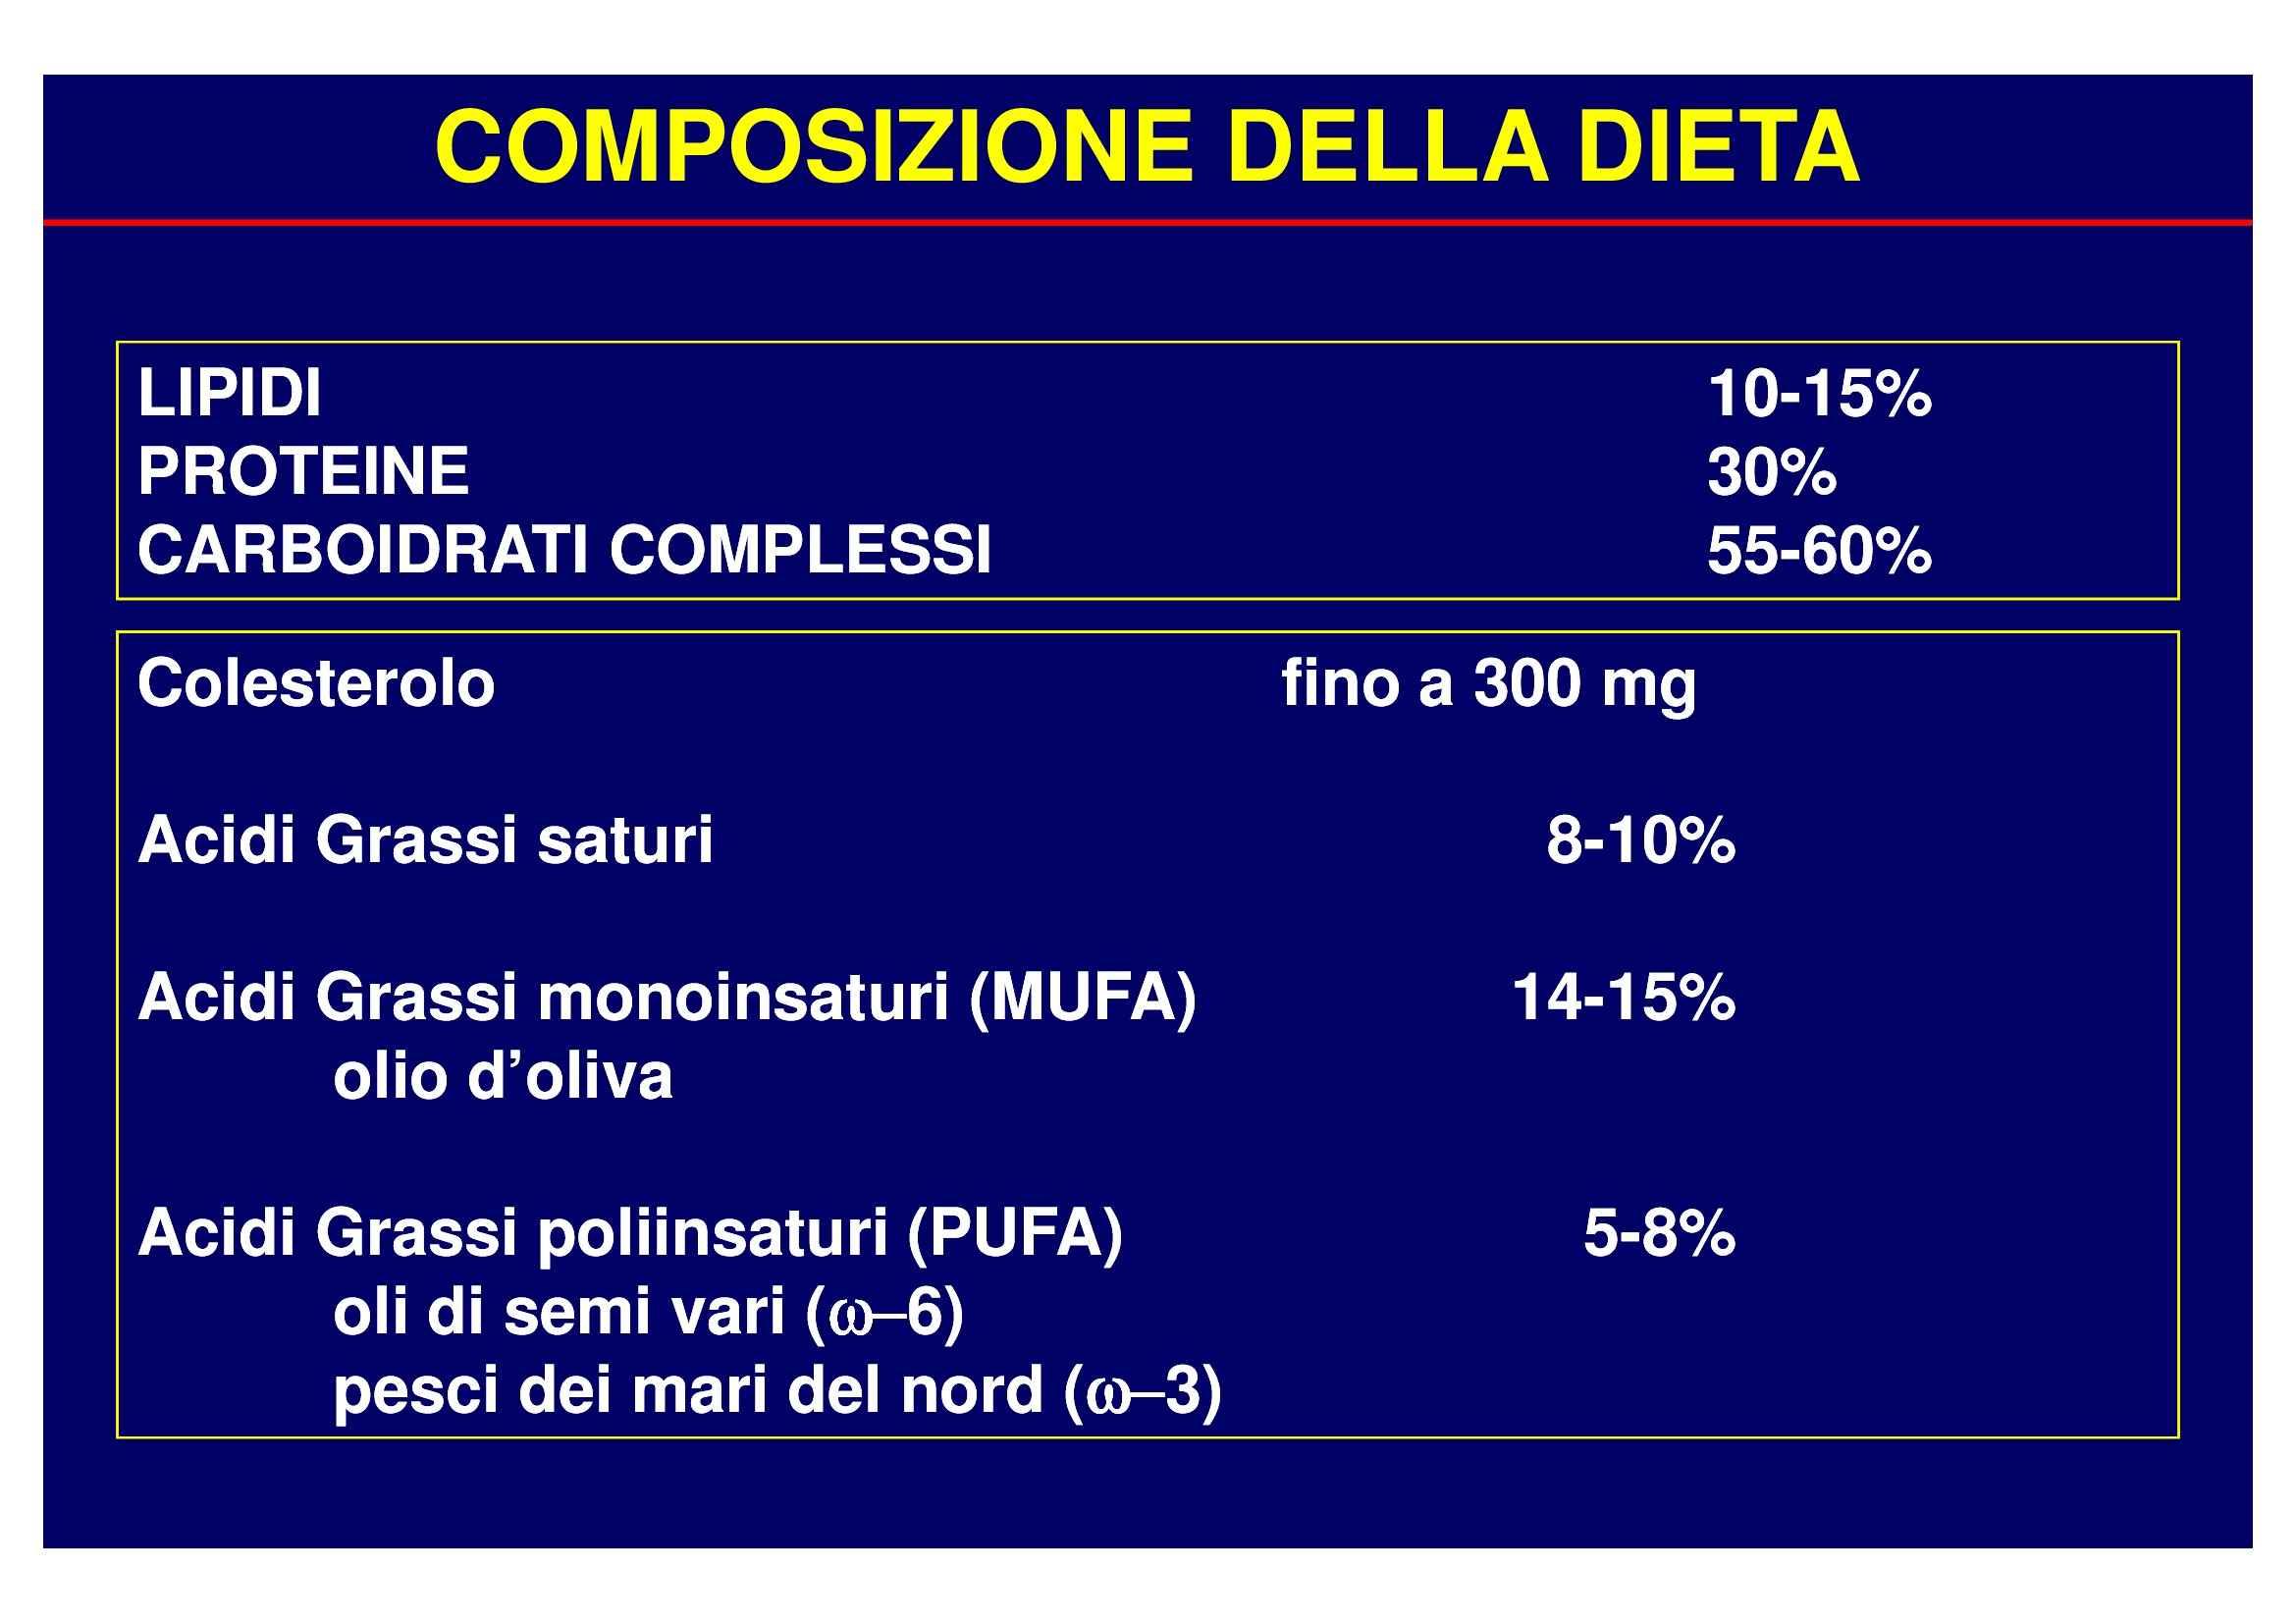 Nutrizione clinica - la composizione della dieta